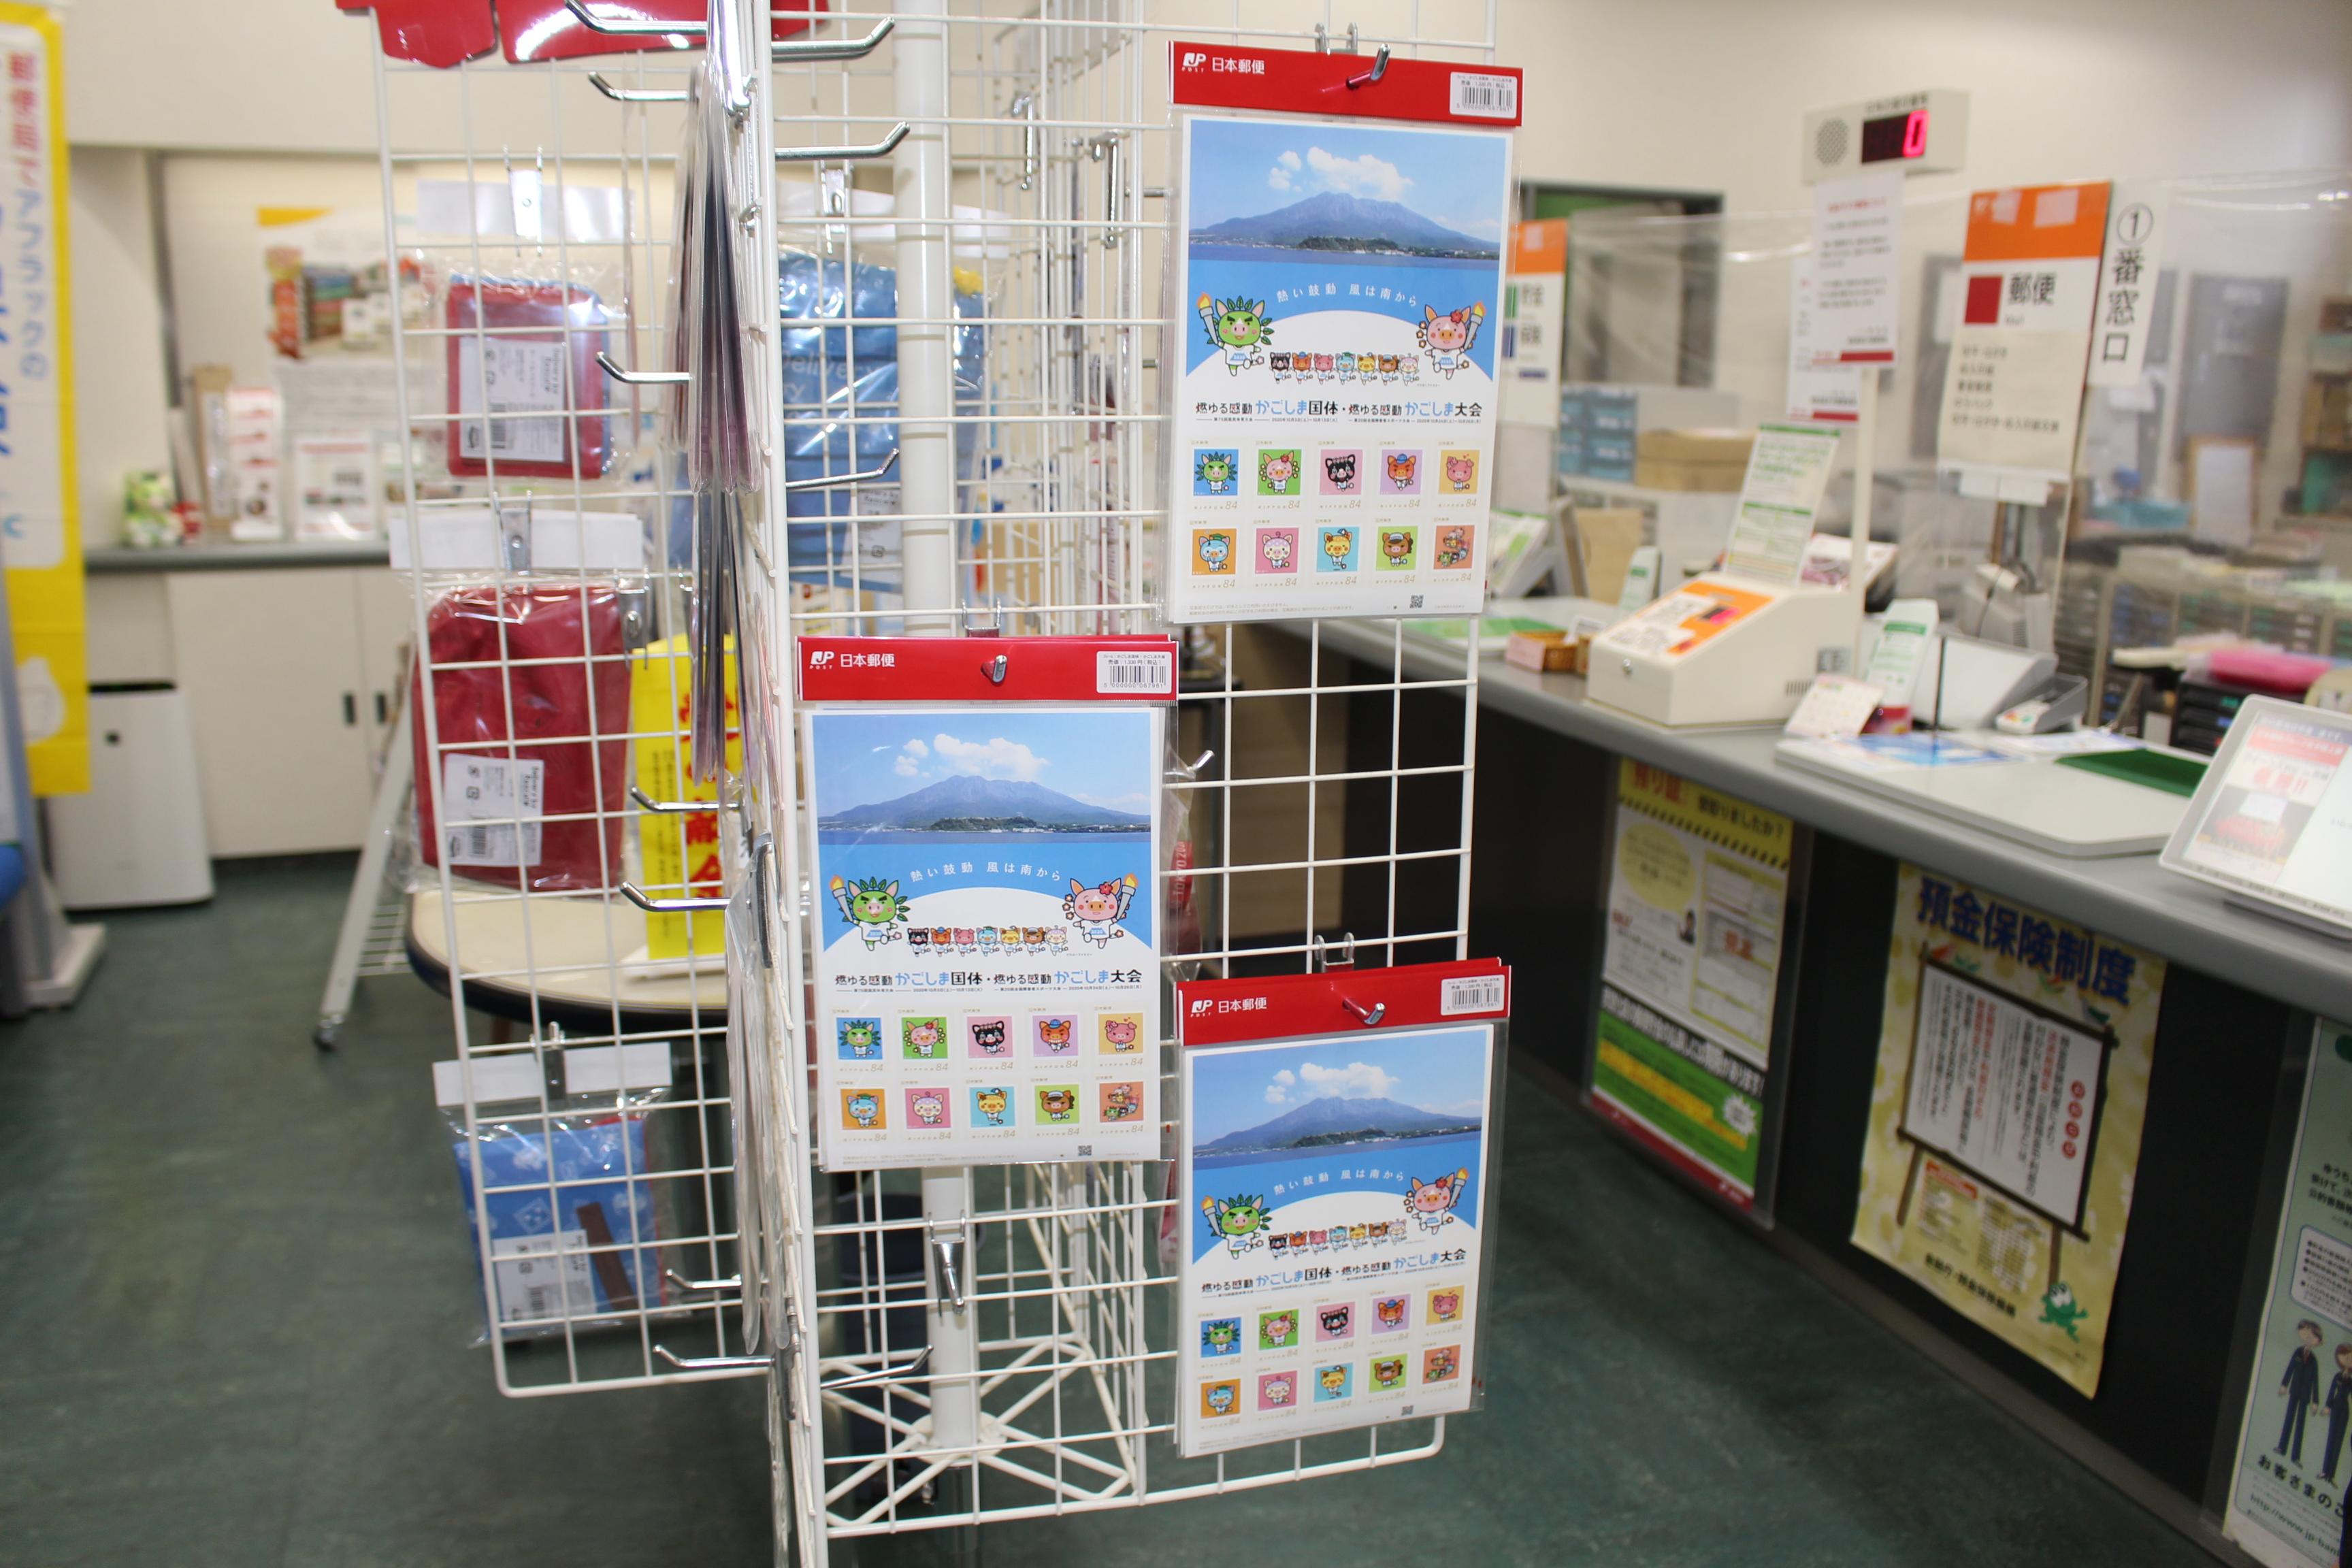 日本 郵便 ネット ショップ